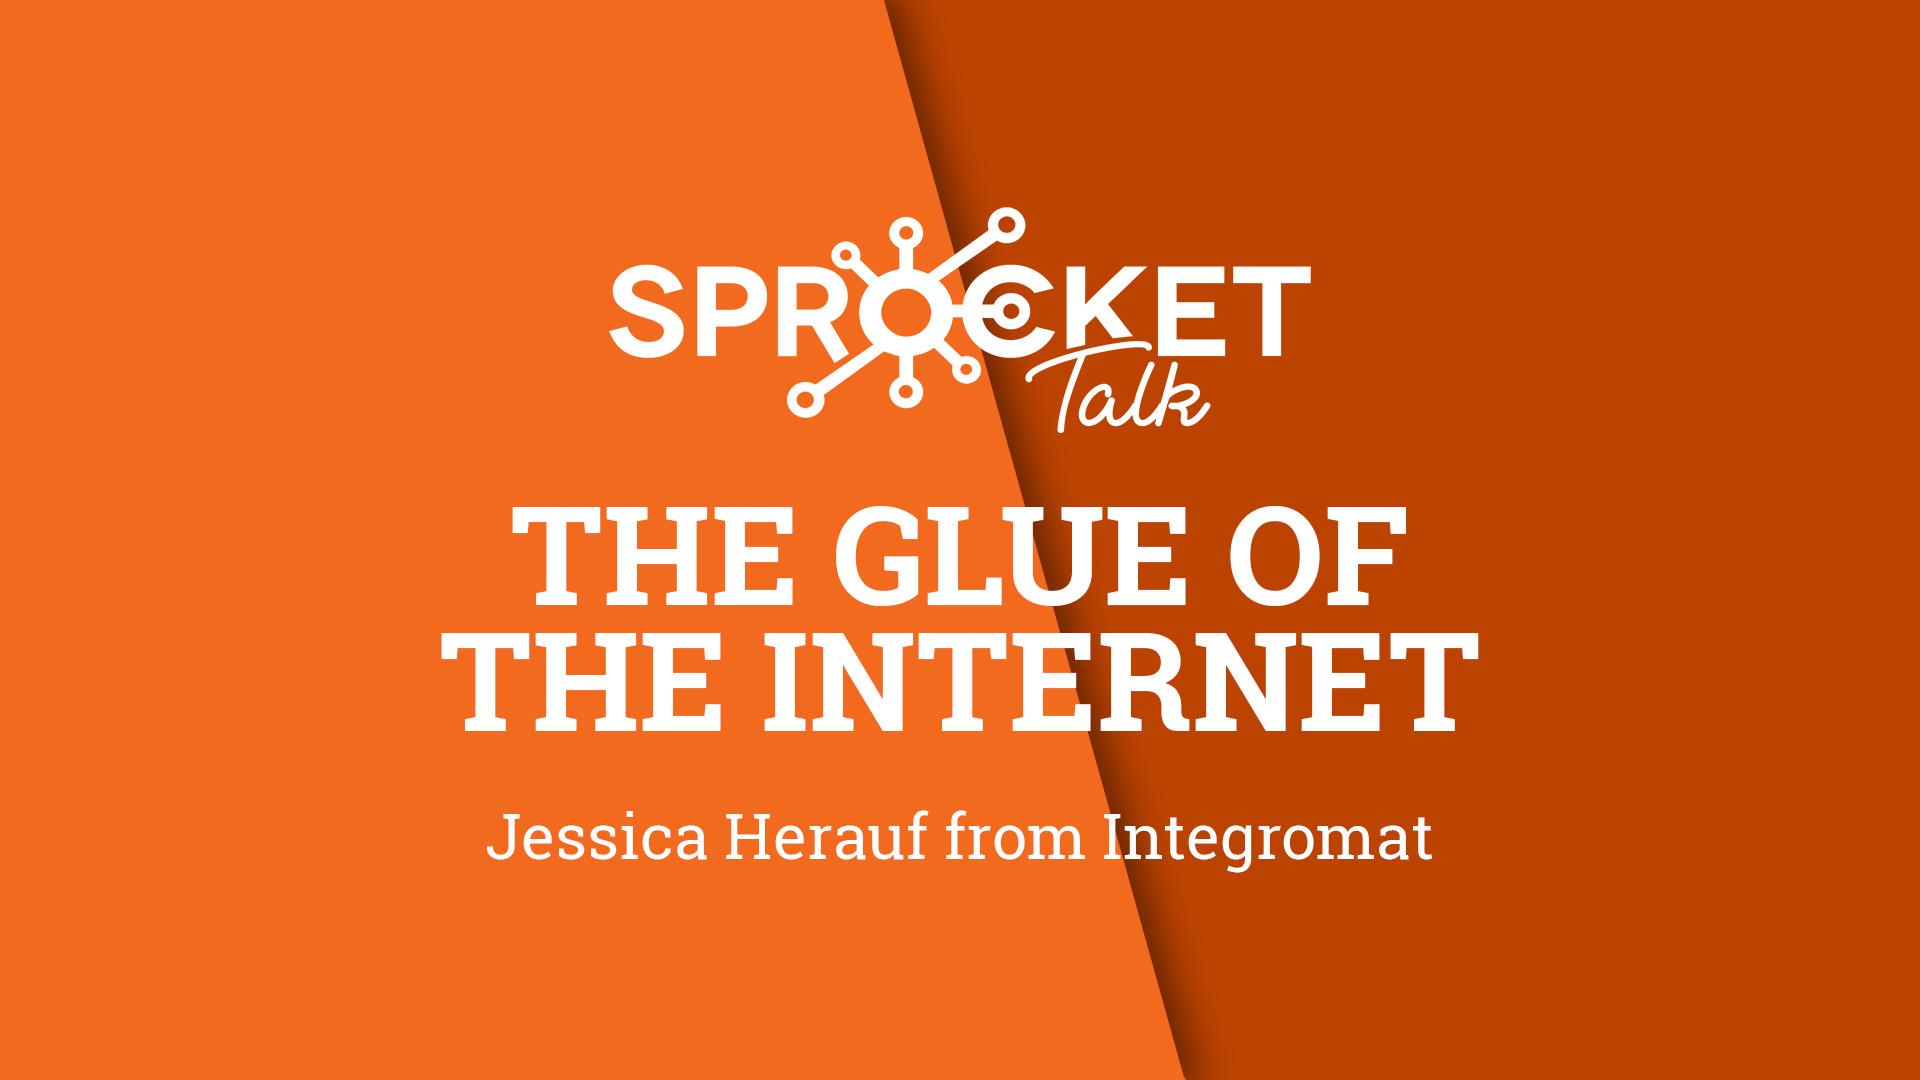 Integromat | Jessica Herauf